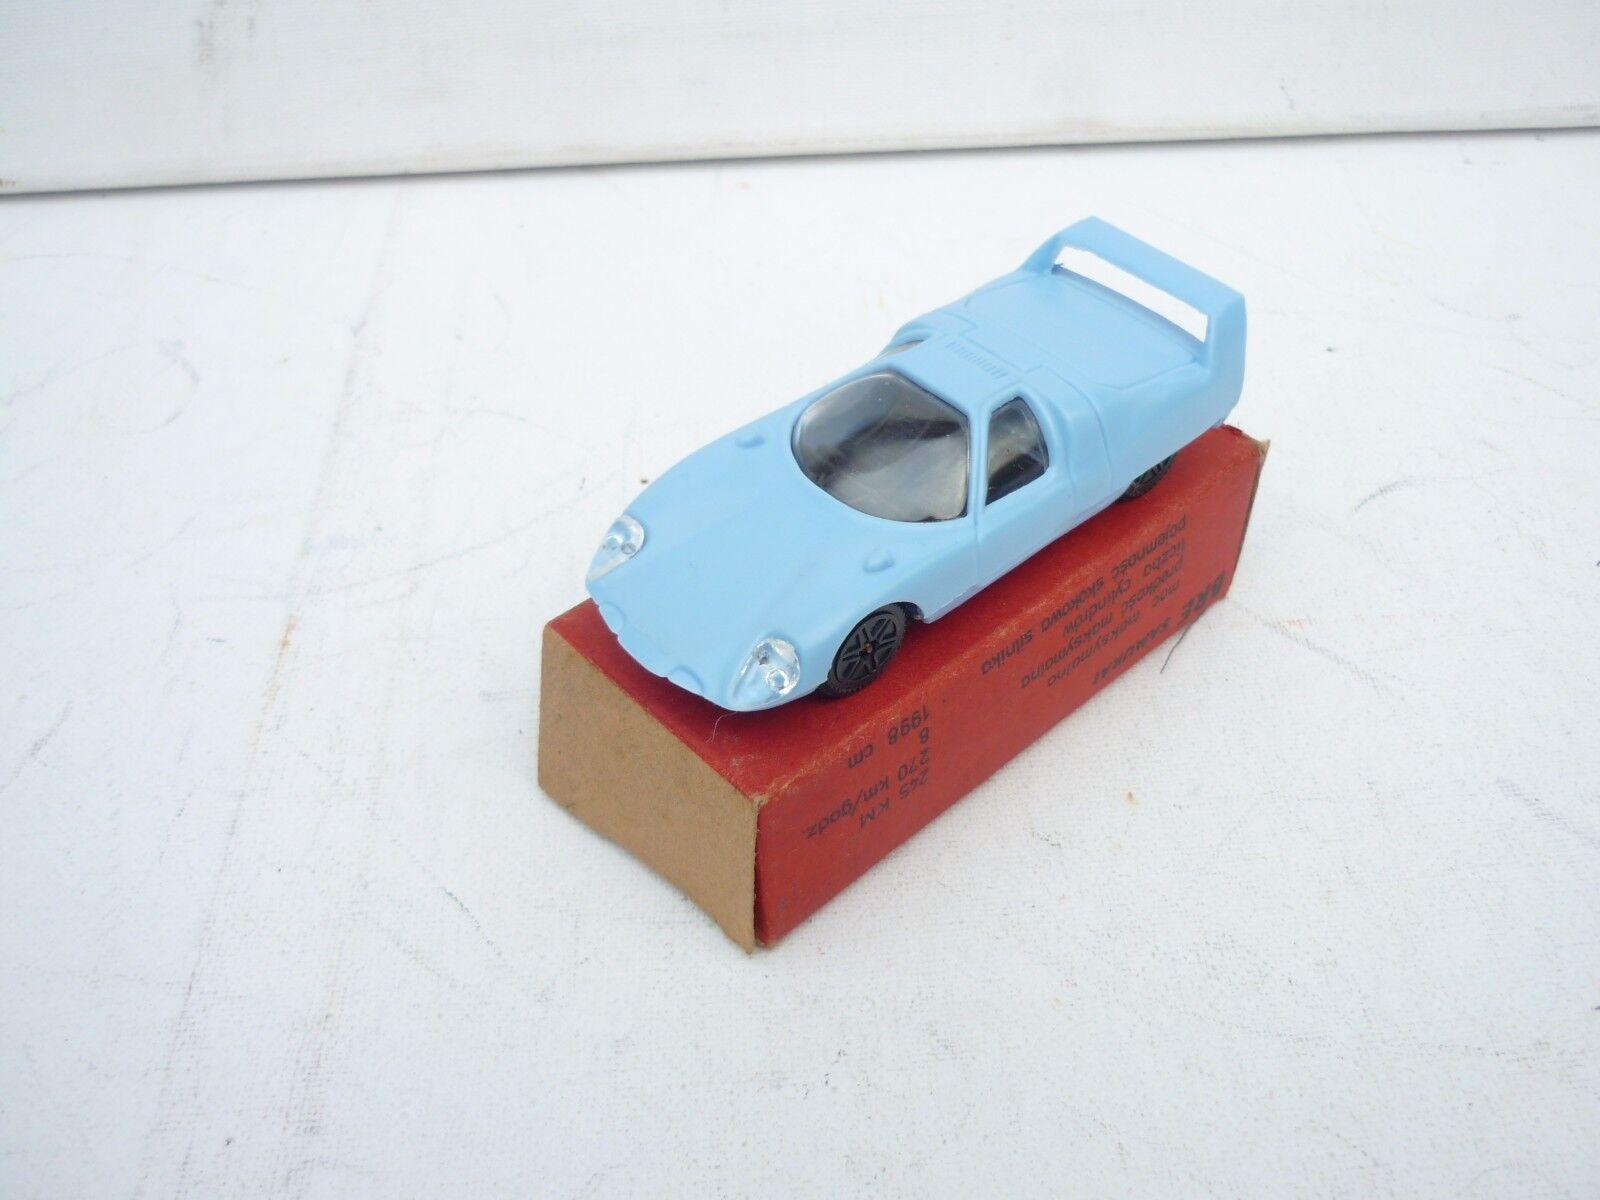 ESTETYKA 1 43 Samurai  Plastic die cast toy  M Box Rare